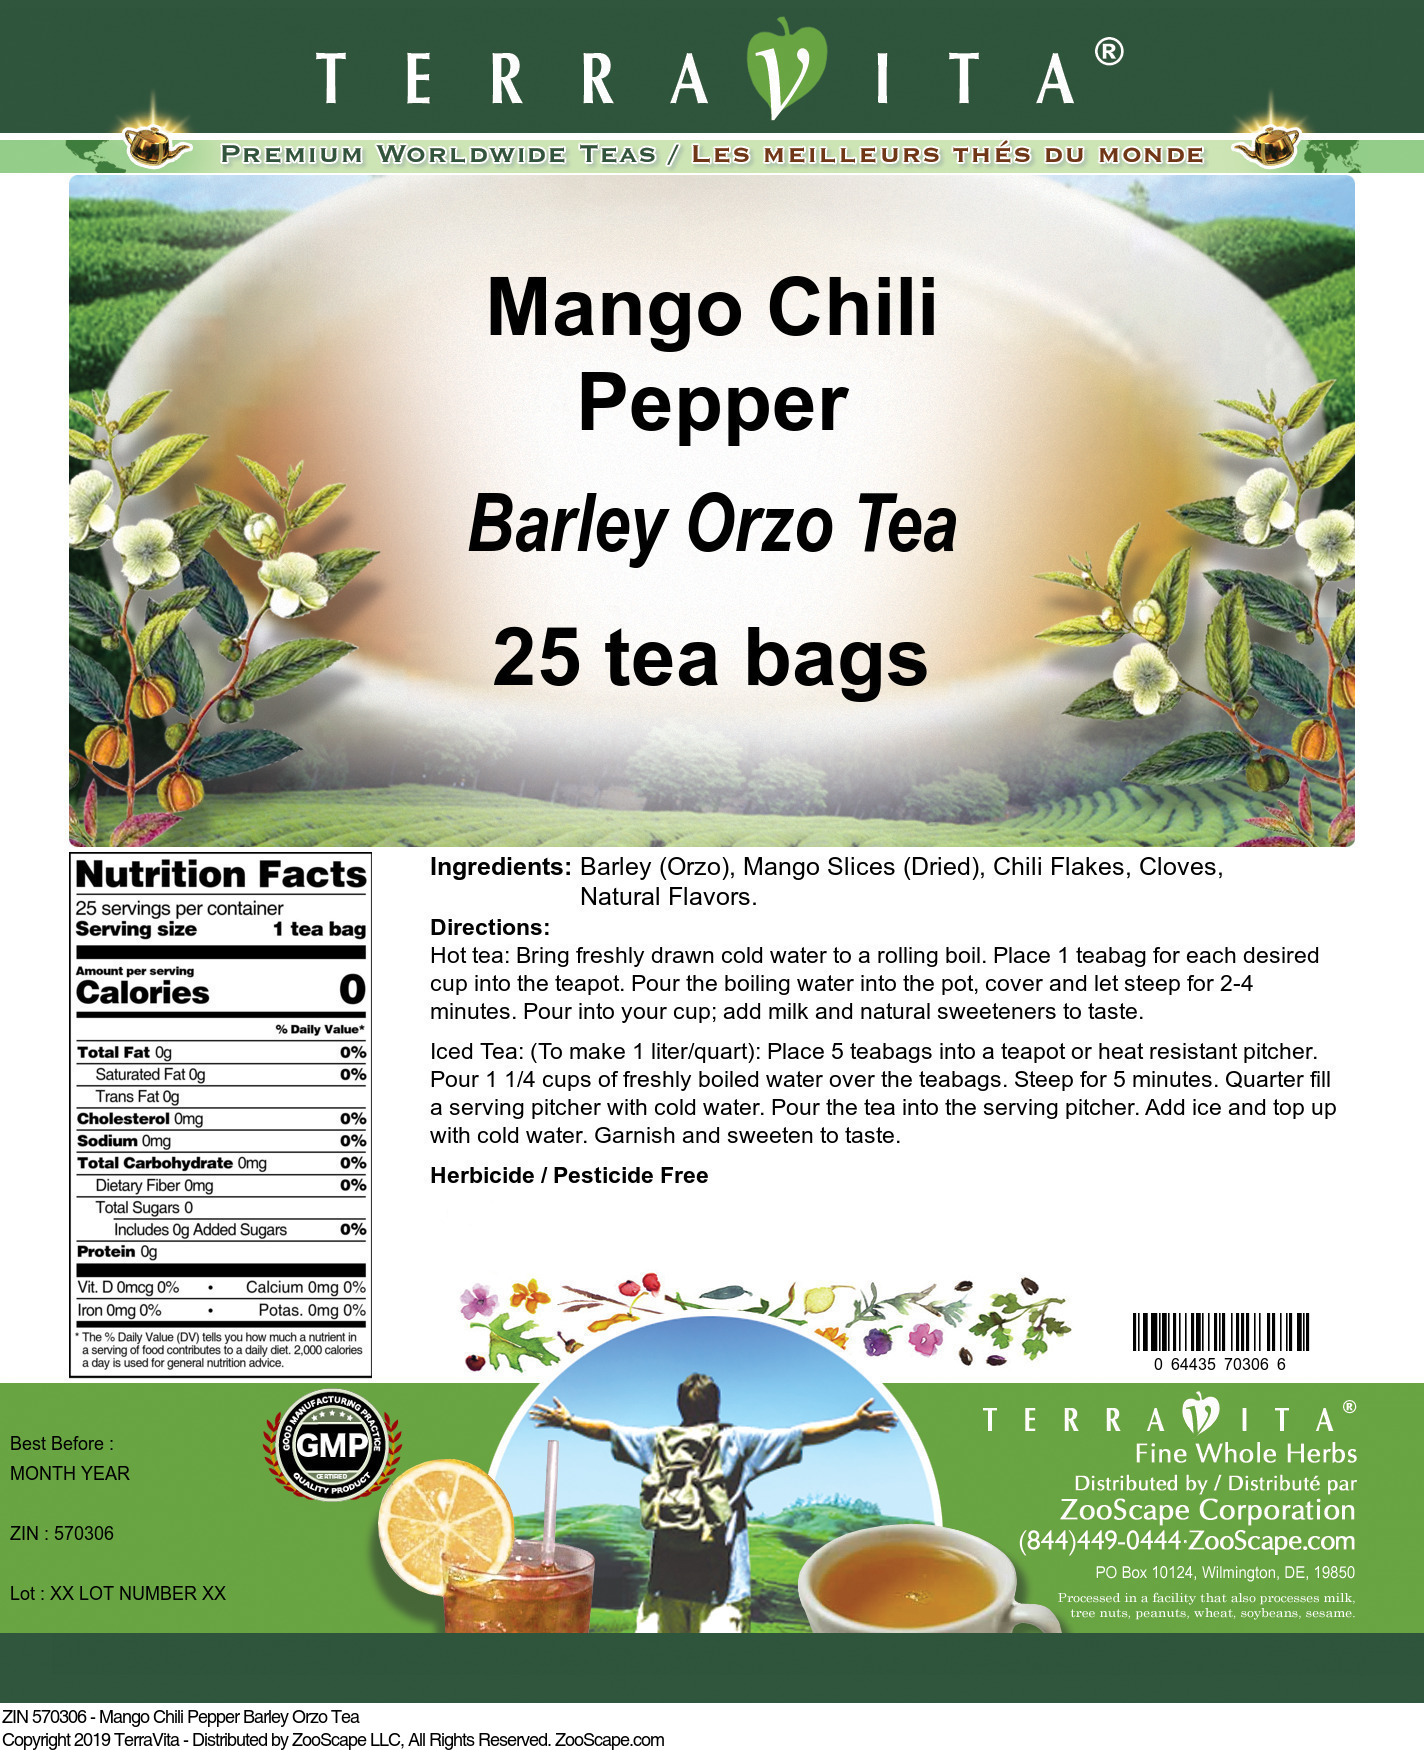 Mango Chili Pepper Barley Orzo Tea